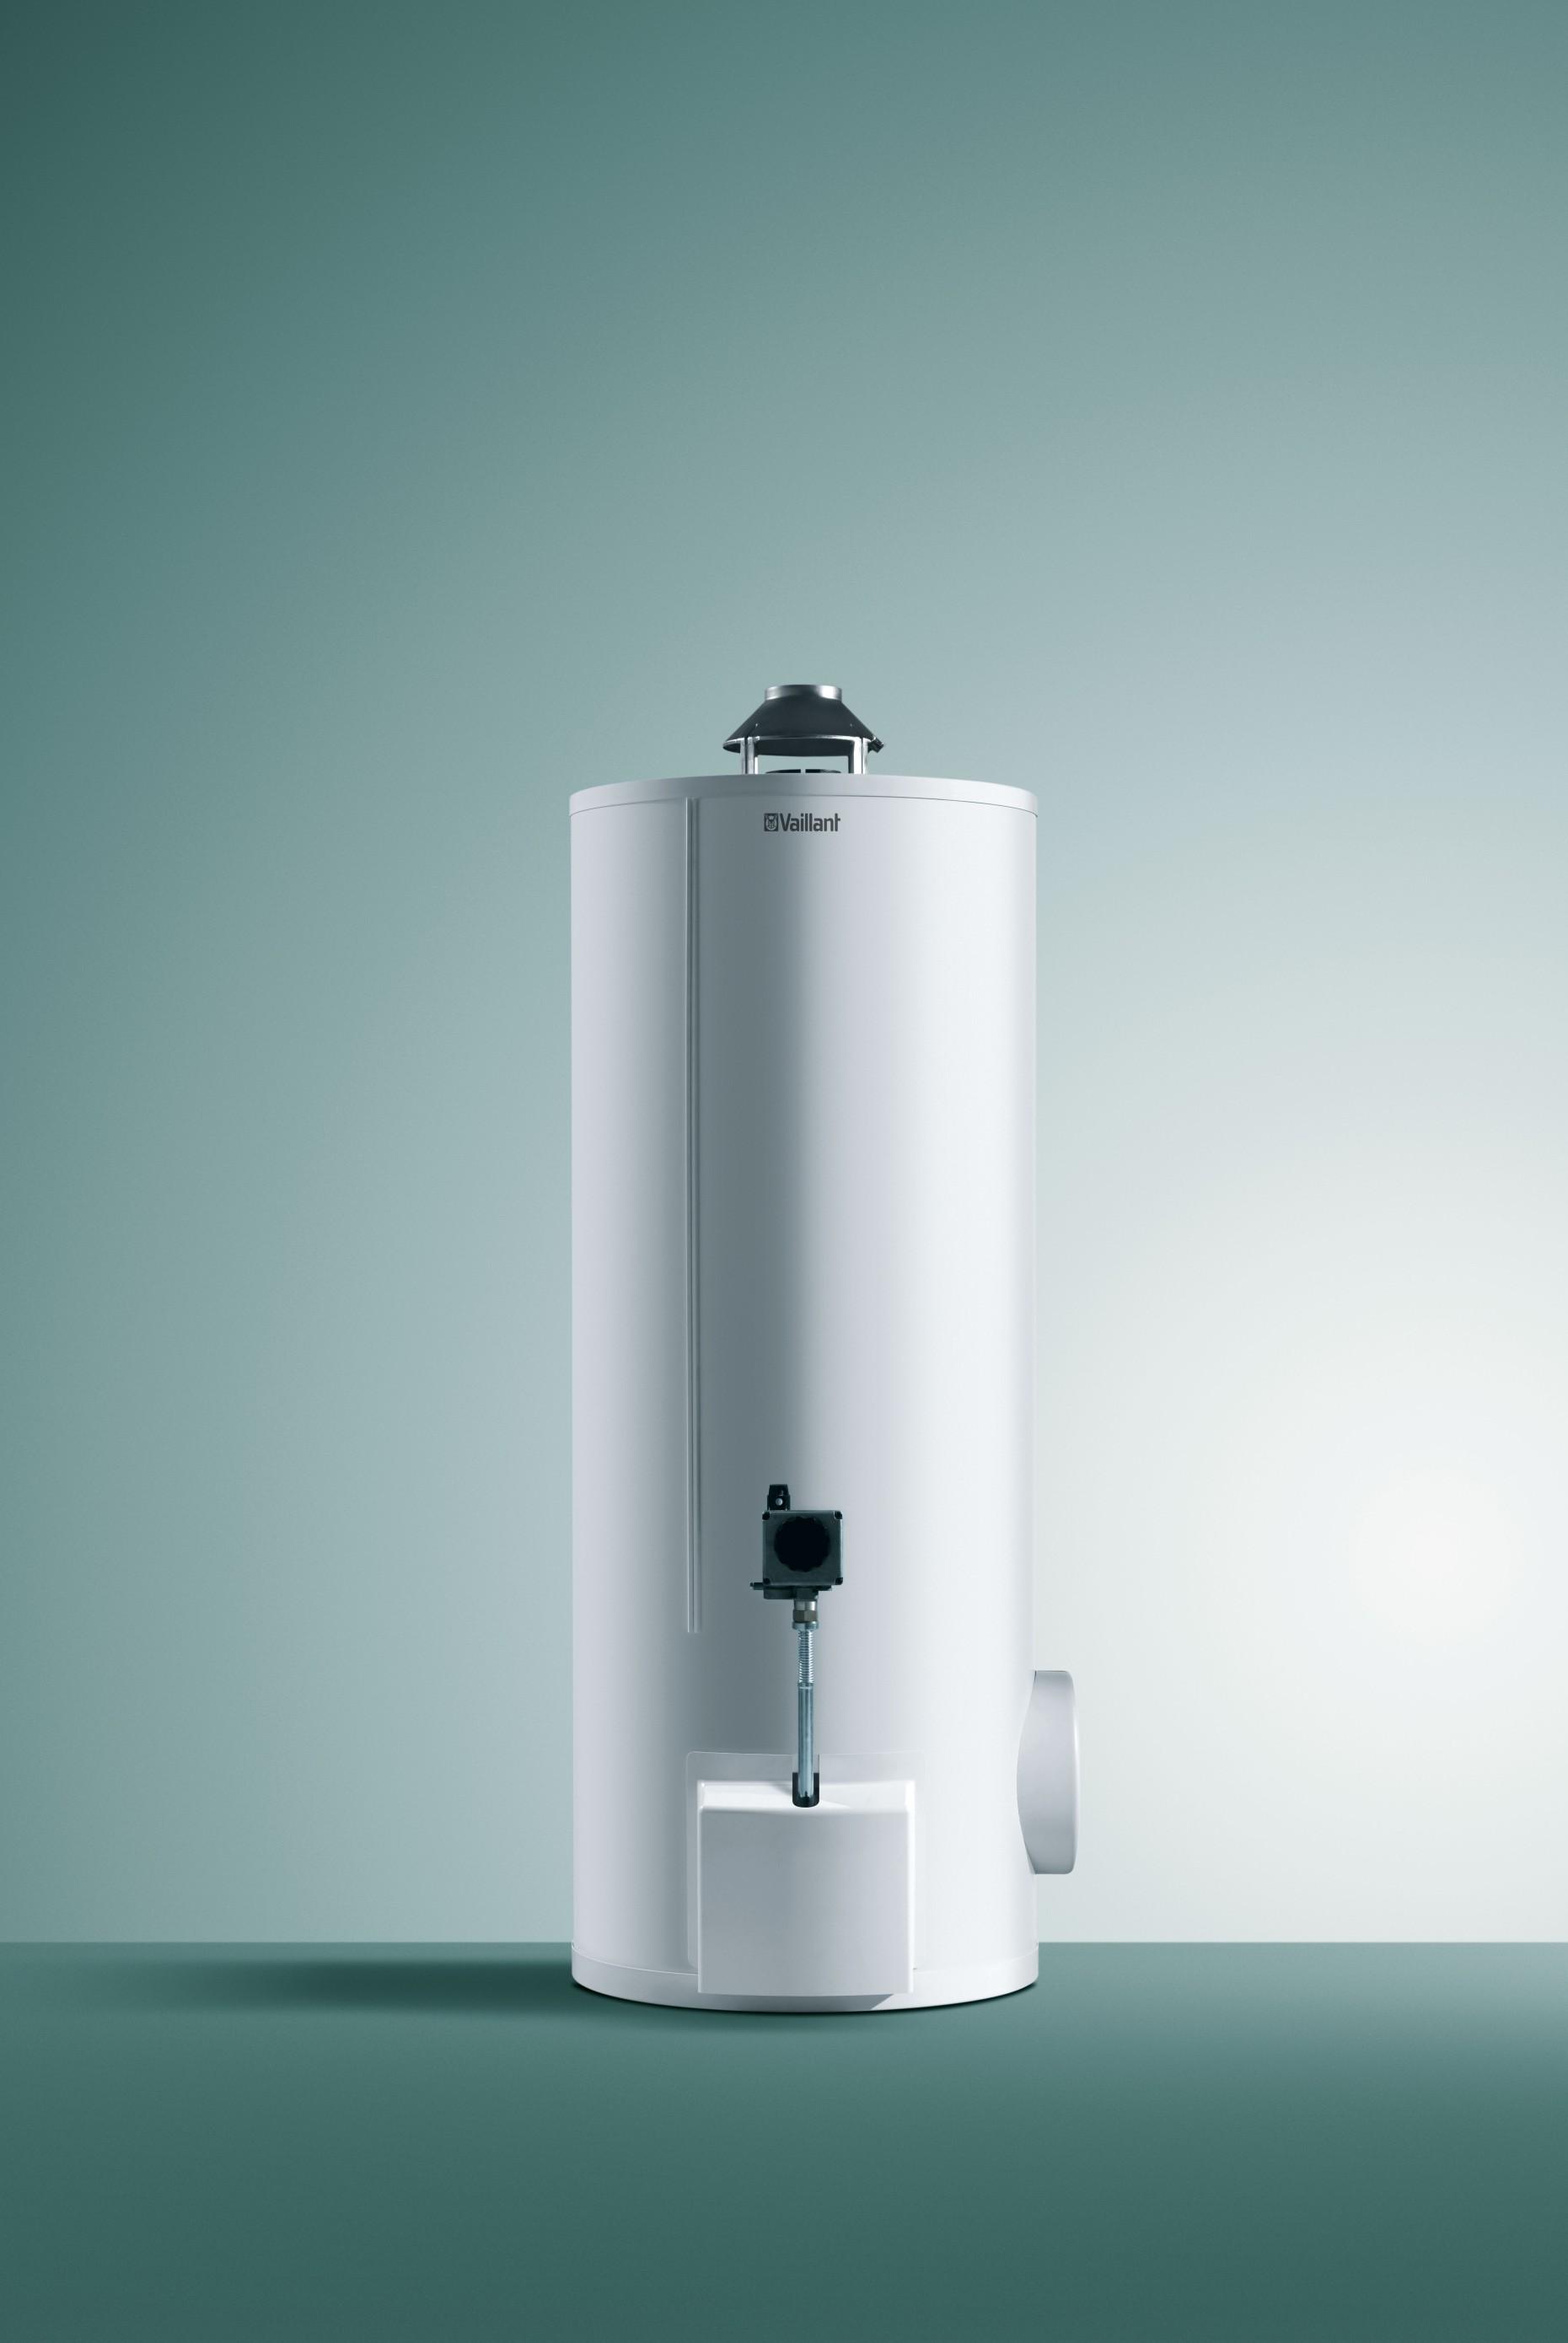 Warmwasserspeicher atmoSTOR VGH / 5 XZ | Vaillant